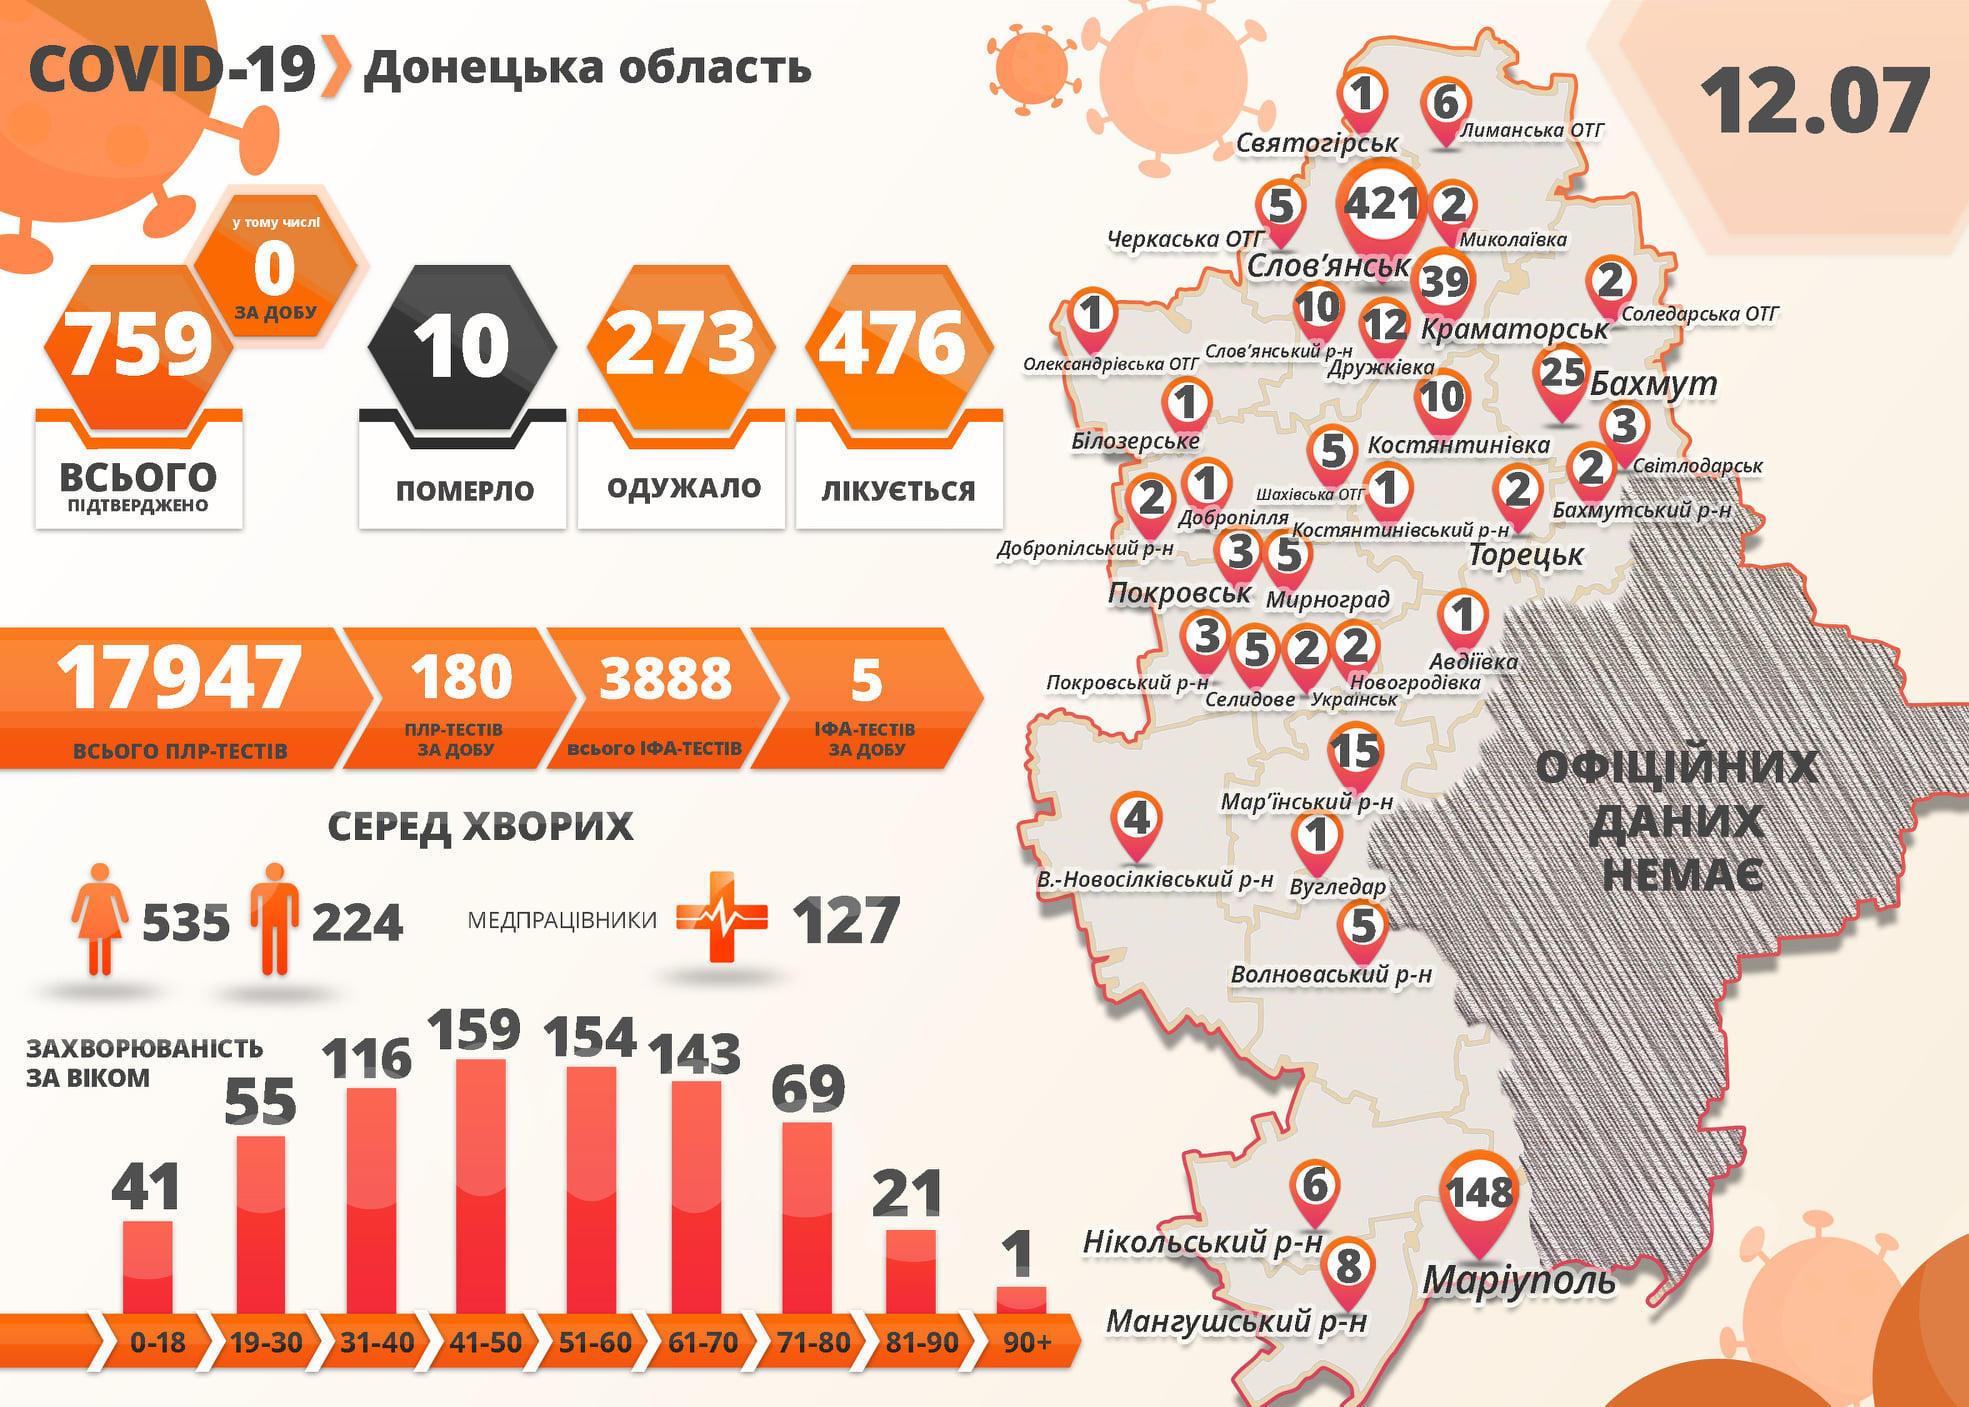 інфографіка ДонОДА коронавірус 12.07.20